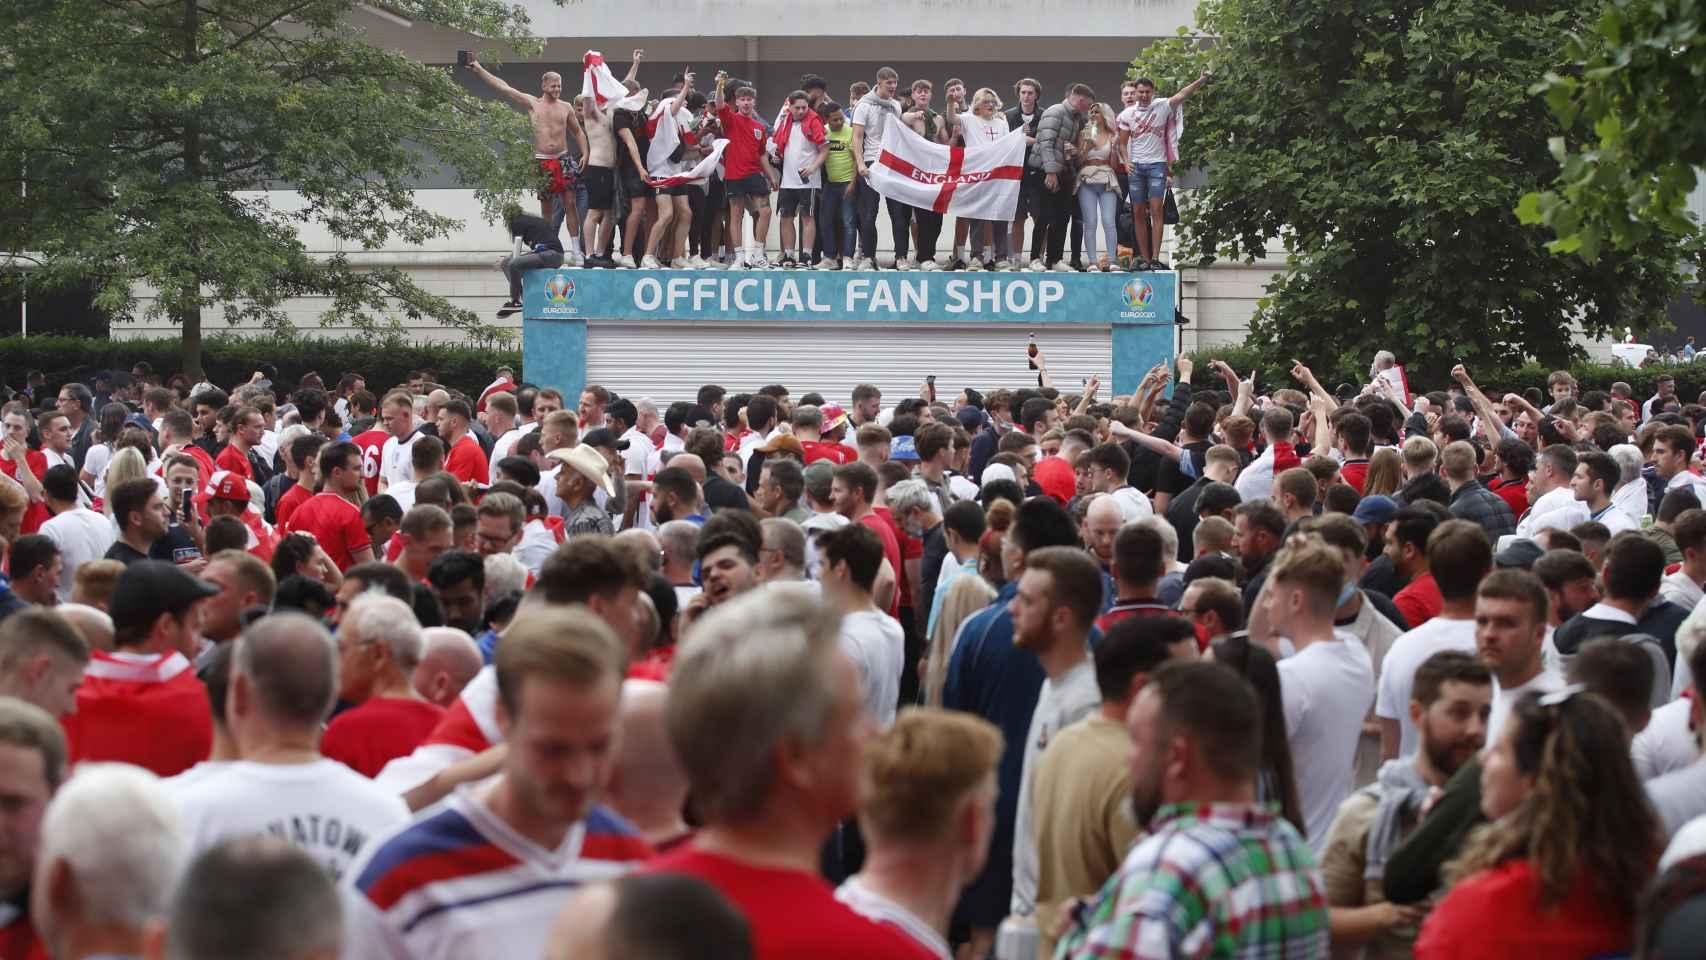 Las aglomeraciones y los altercados entre aficionados británicos antes de la final de la Eurocopa entre Italia e Inglaterra